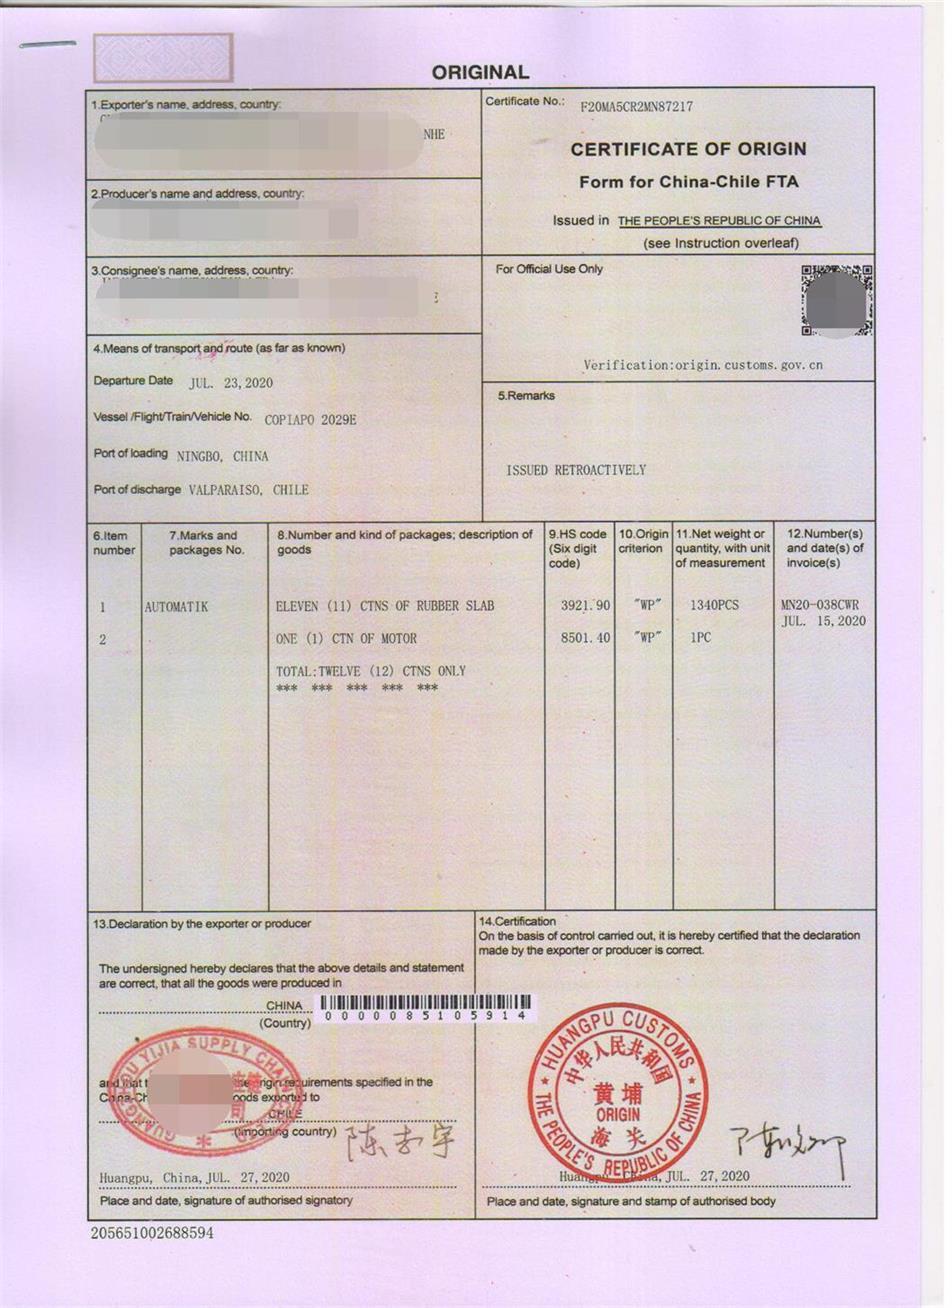 汕頭代辦中智FORM F 原產地證源頭公司 中國智利自貿區原產地證FORM F 當天出證,需要什么資料